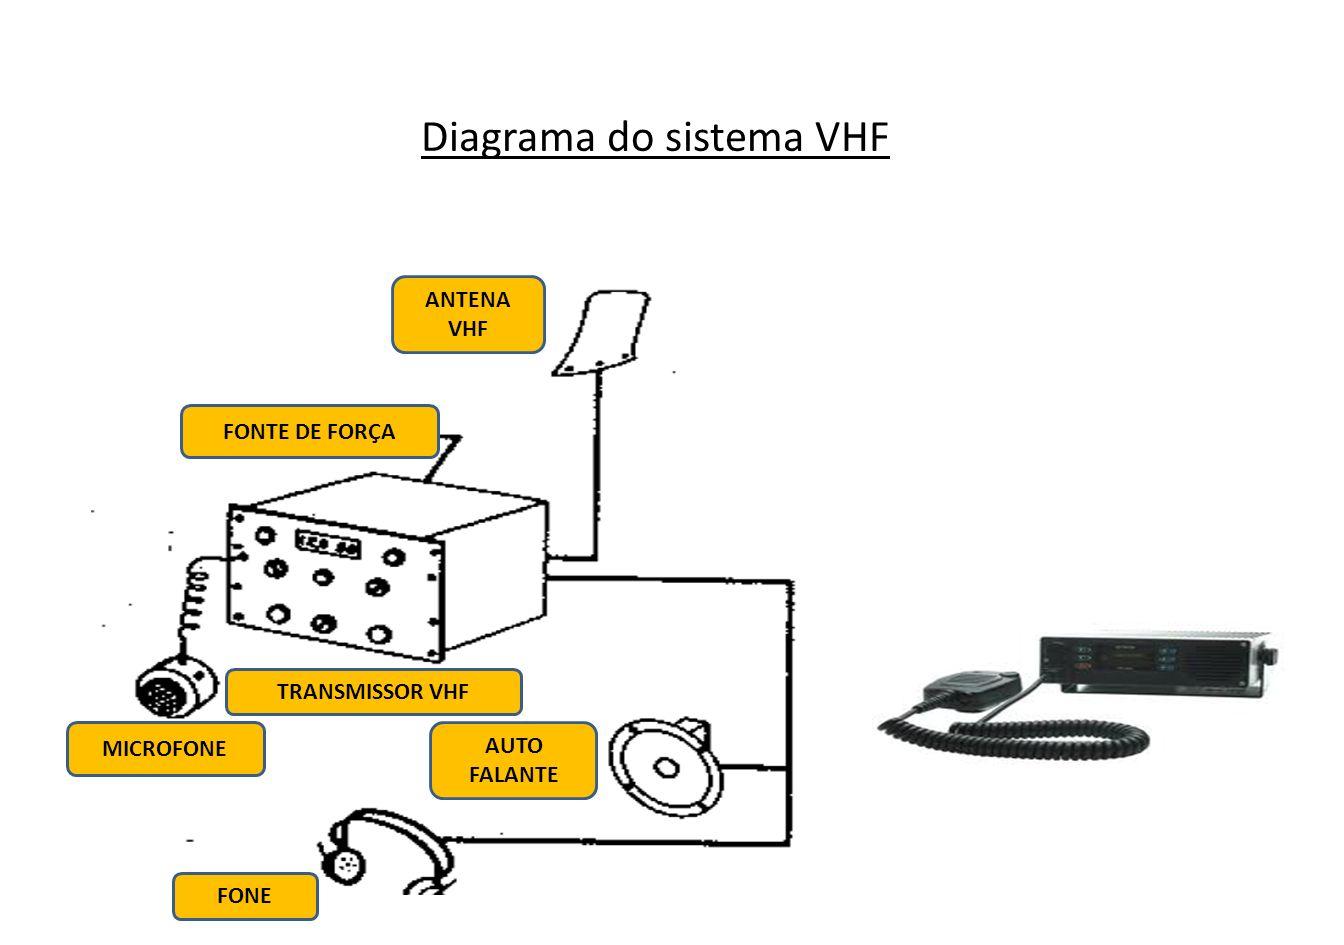 Comunicações VHF (Frequência Muito Alta ) Operam na faixa de freqüência entre 108,0 MHz e 135,95 MHz.